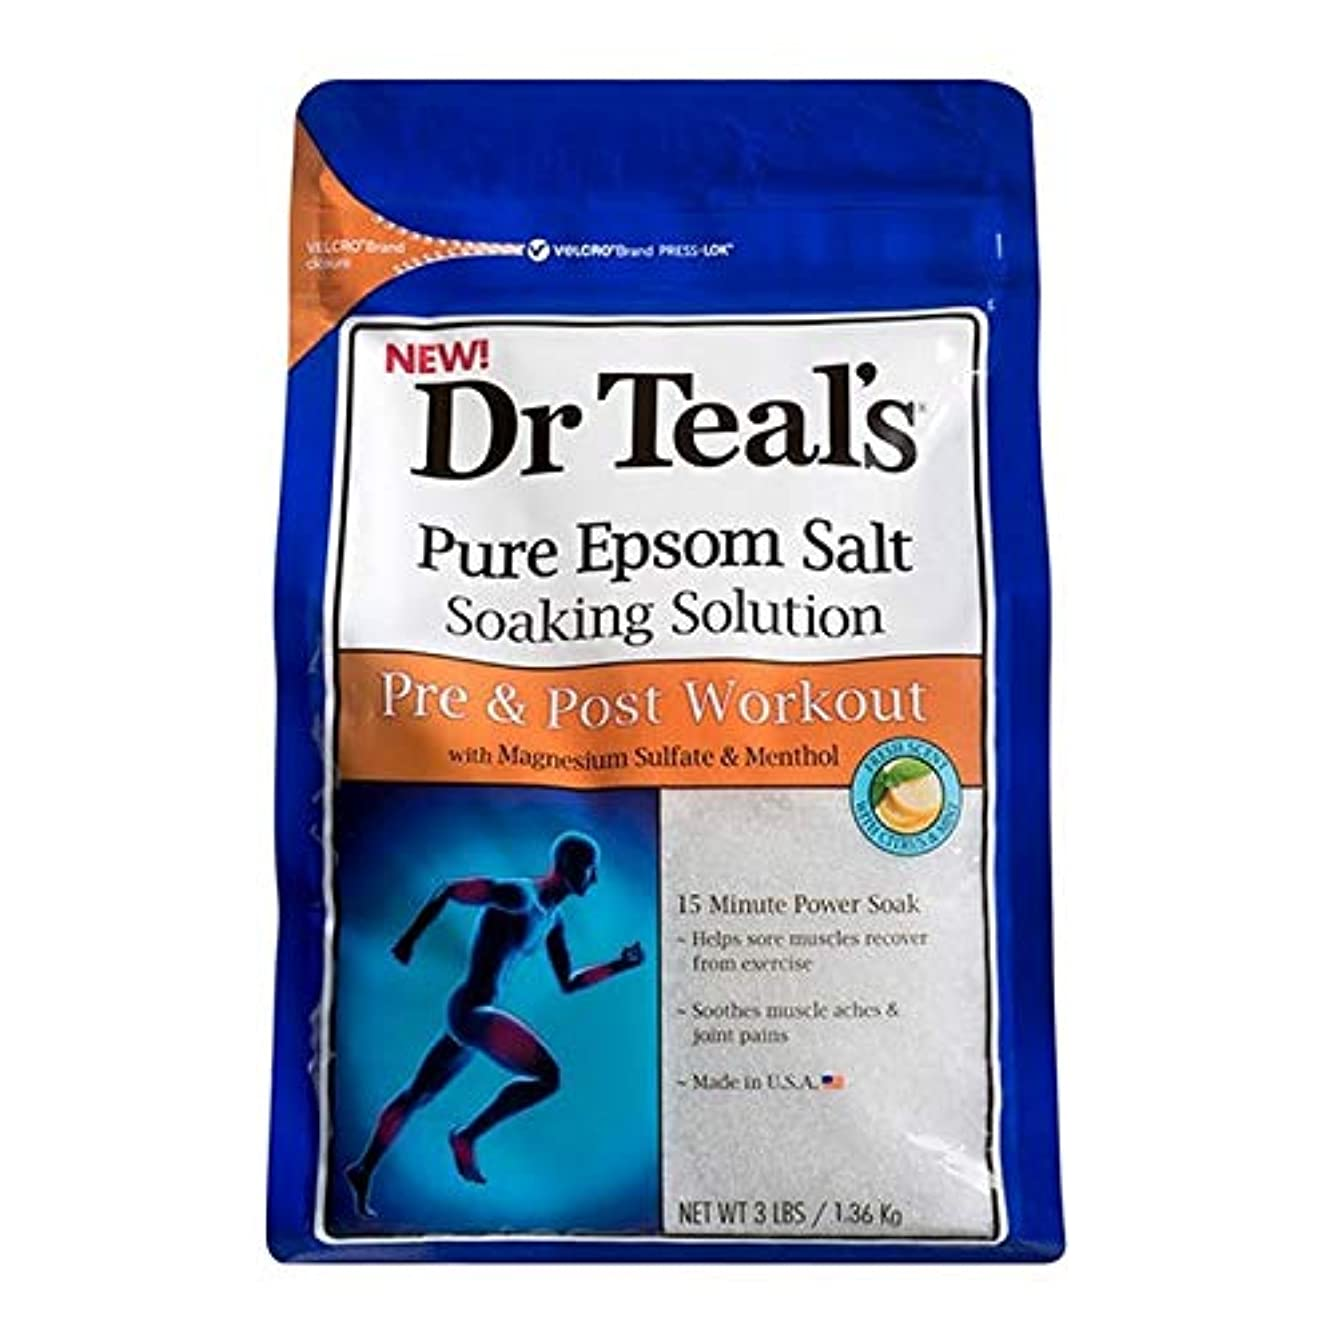 蛾うがい薬ペダル[Dr Teals] Drのティールの均熱Bathsalt前N個のポストワークアウト1.36キロ - Dr Teal's Soaking Bathsalt Pre N Post Workout 1.36 kg [並行輸入品]